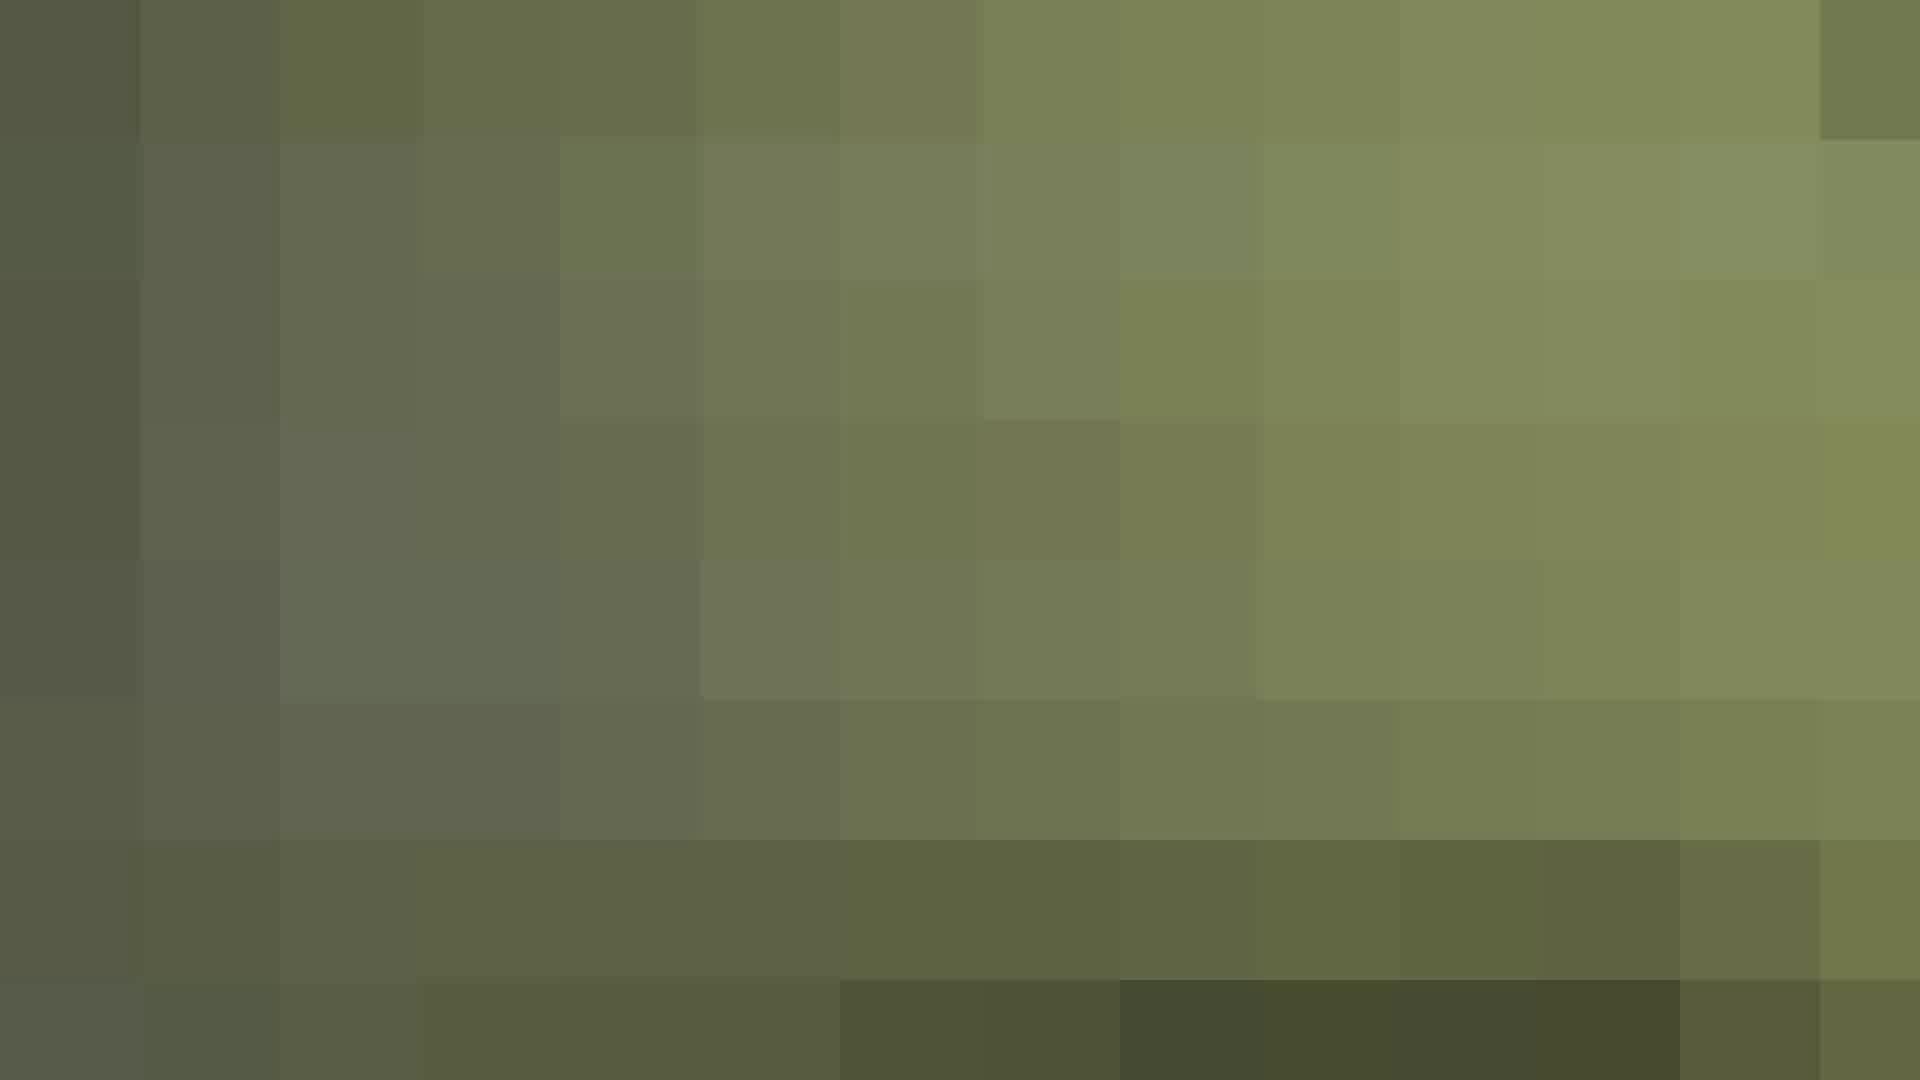 【美しき個室な世界】 vol.022 ヒクヒクさんたち 洗面所  68pic 3